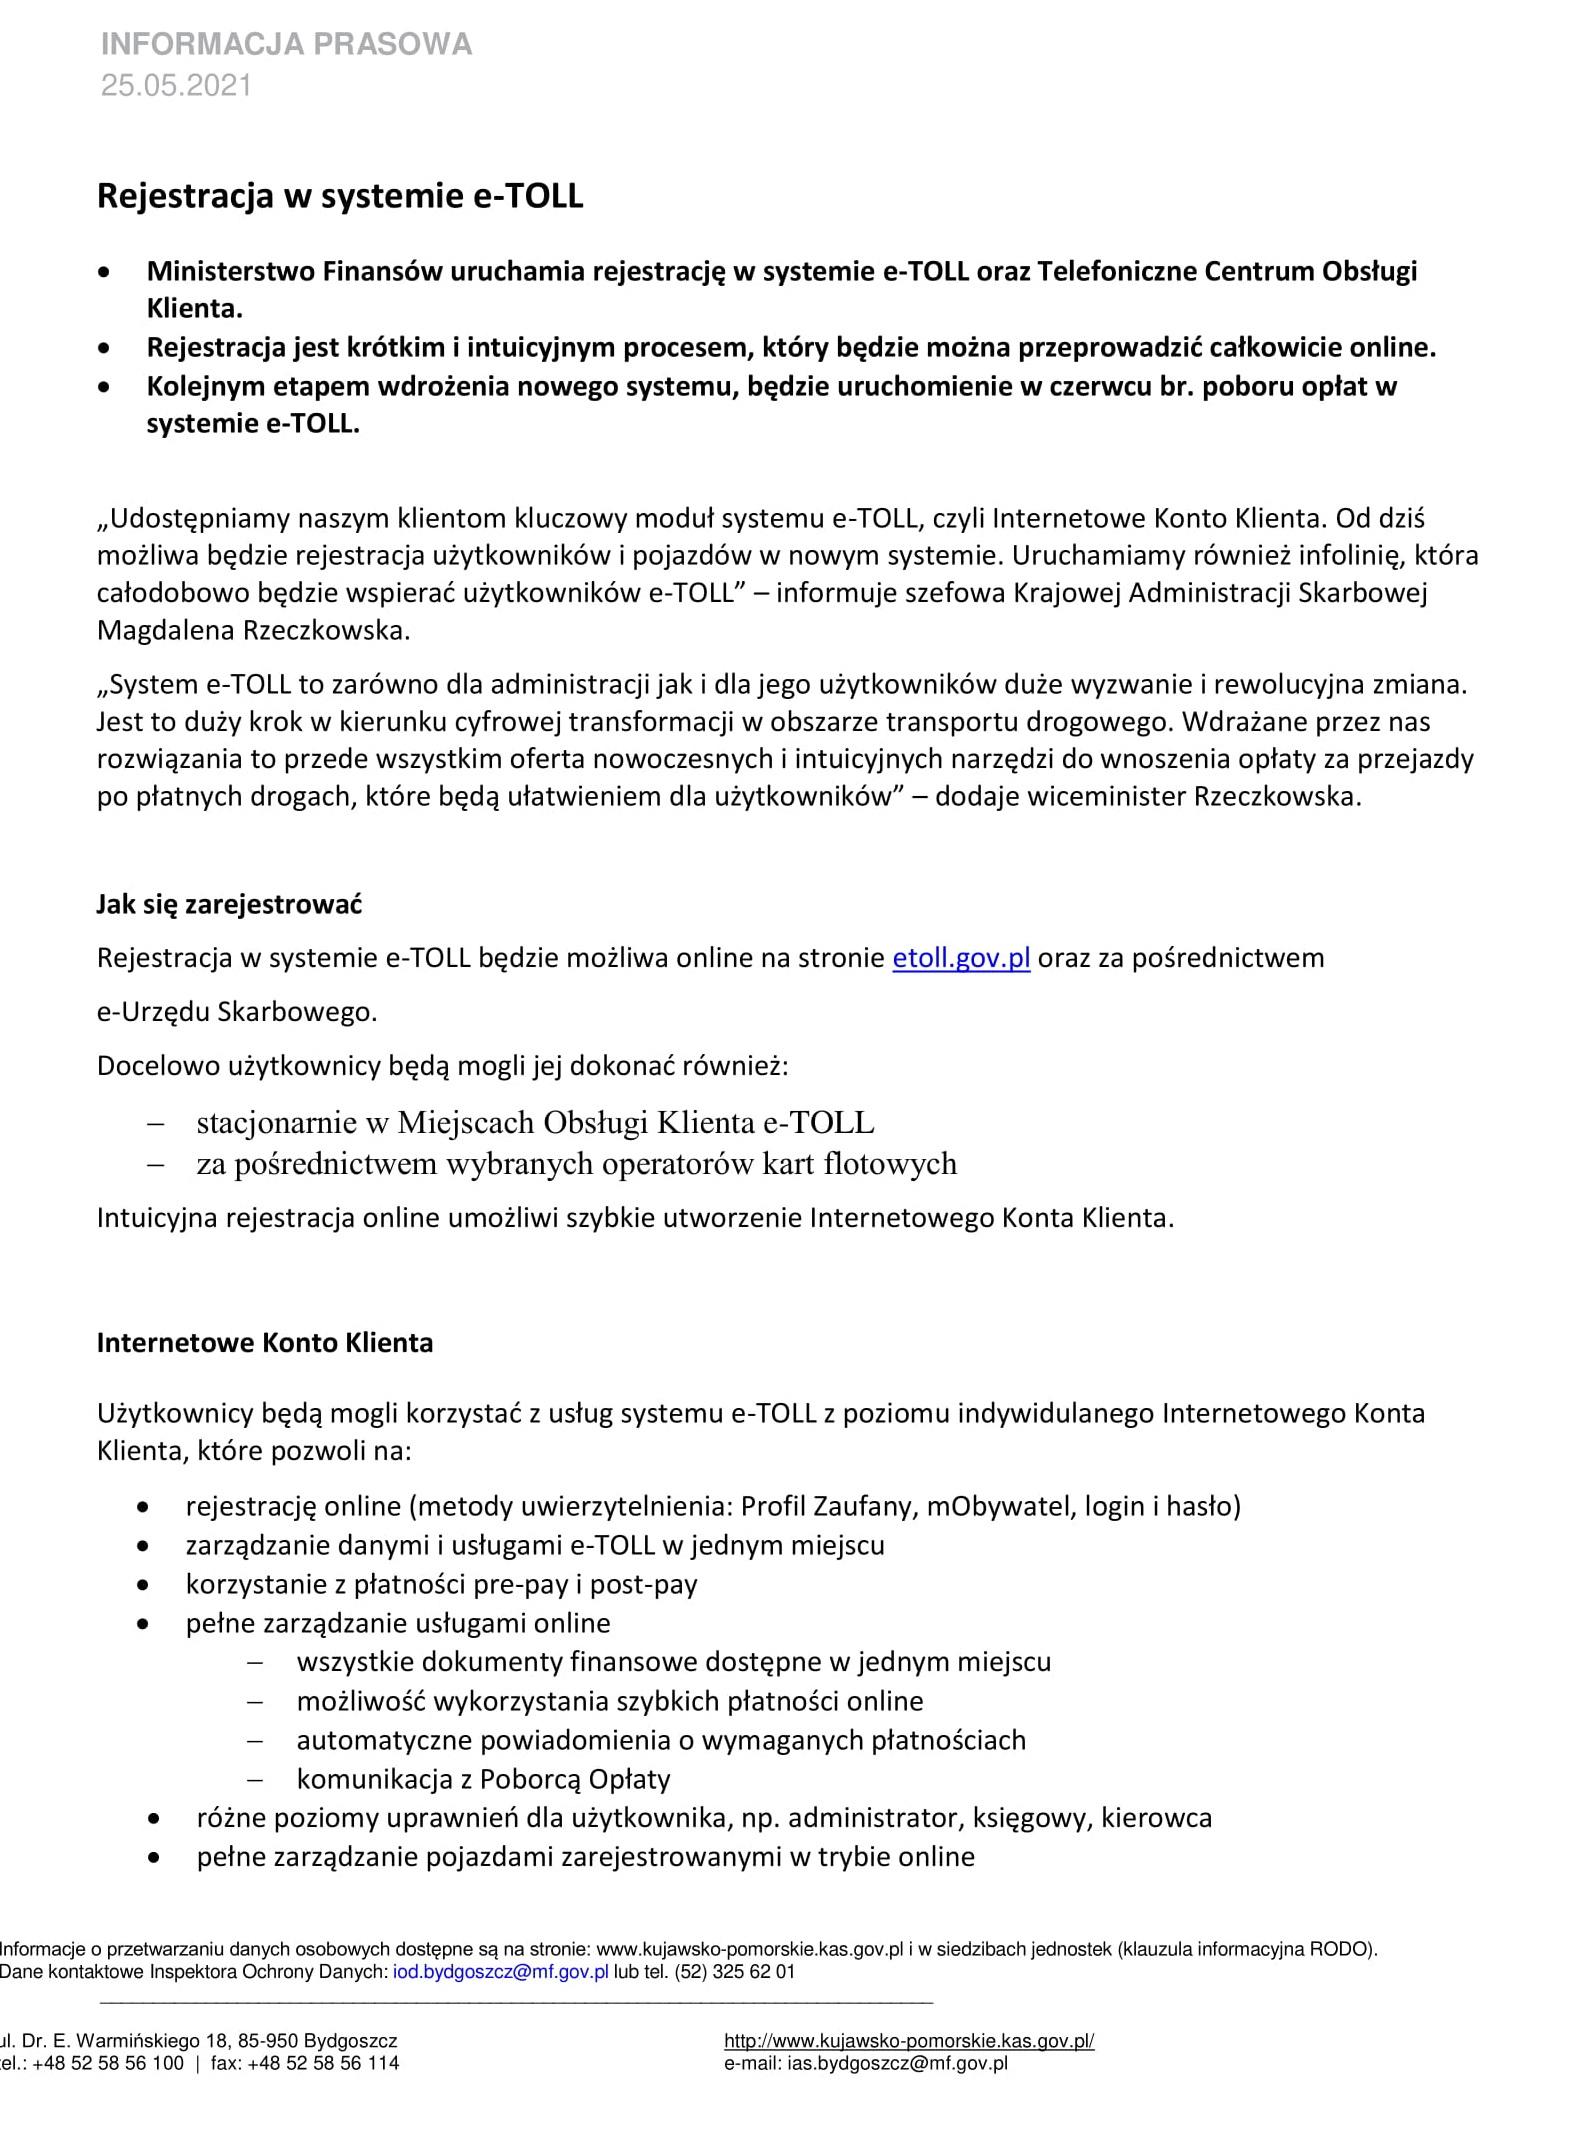 Komunikat - Rejestracja w systemie e-TOLL 25.05.2021 r.-1.jpg (643 KB)